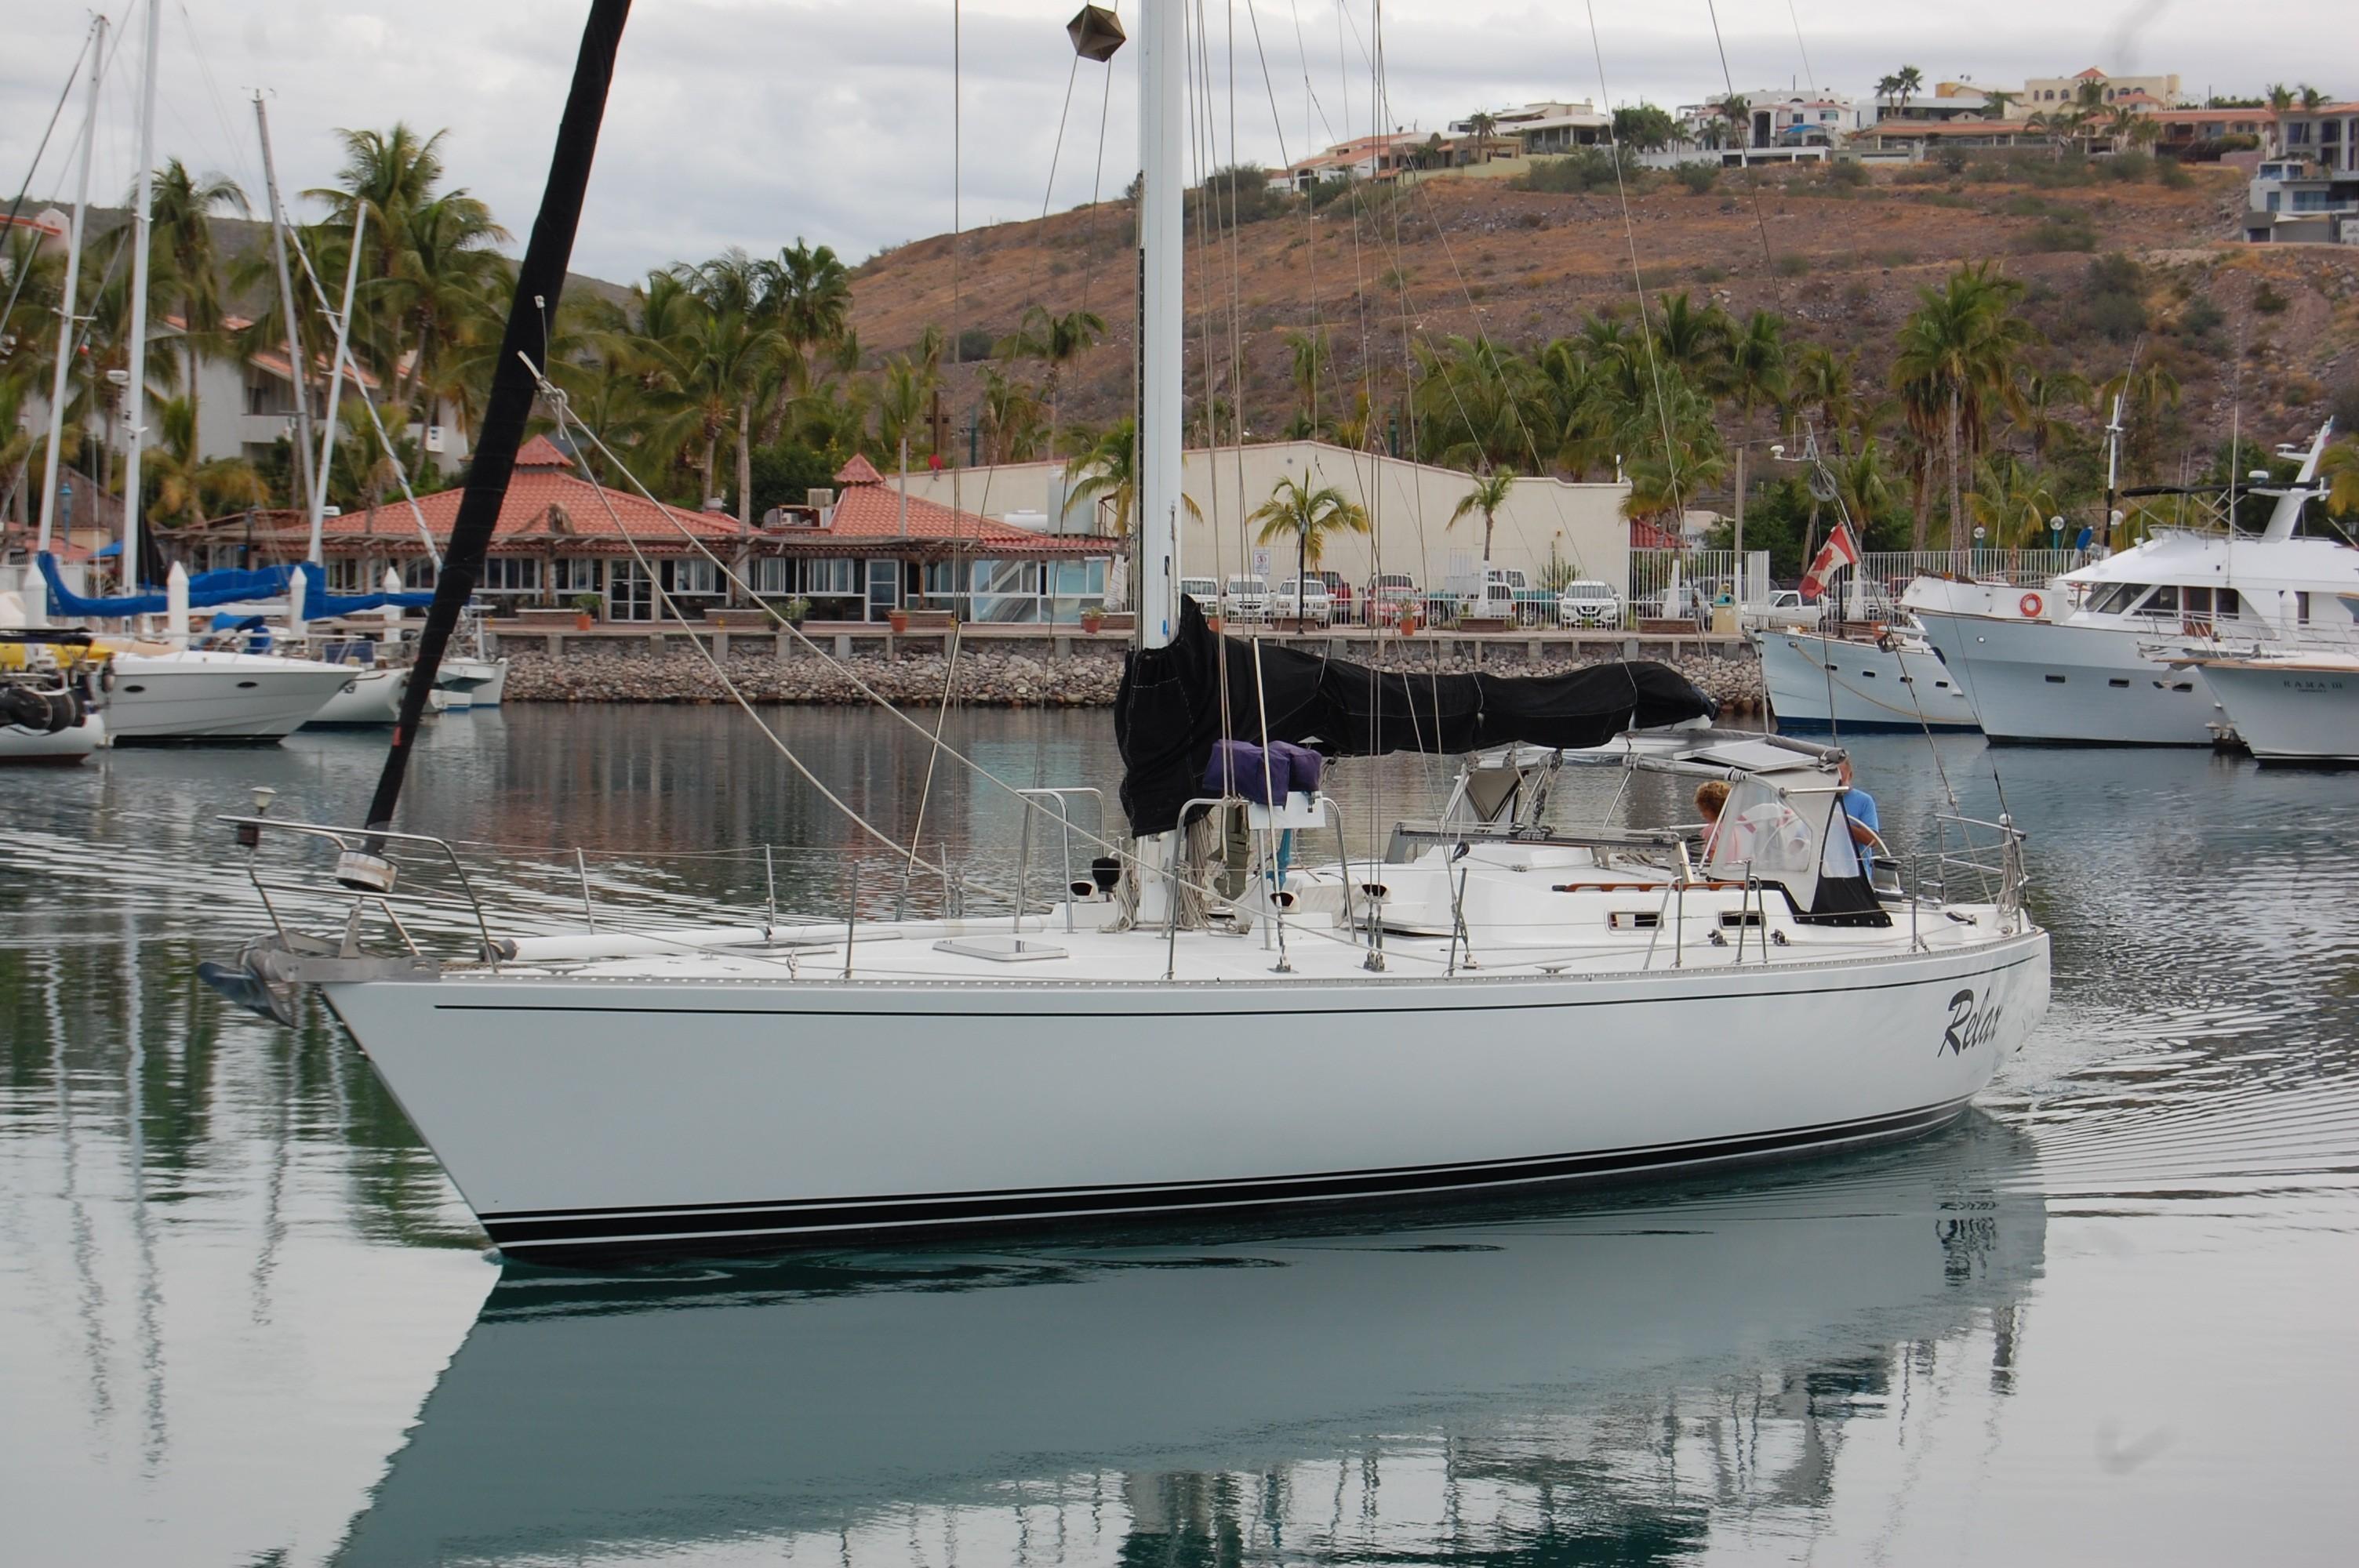 50' Morgan Sloop+Boat for sale!